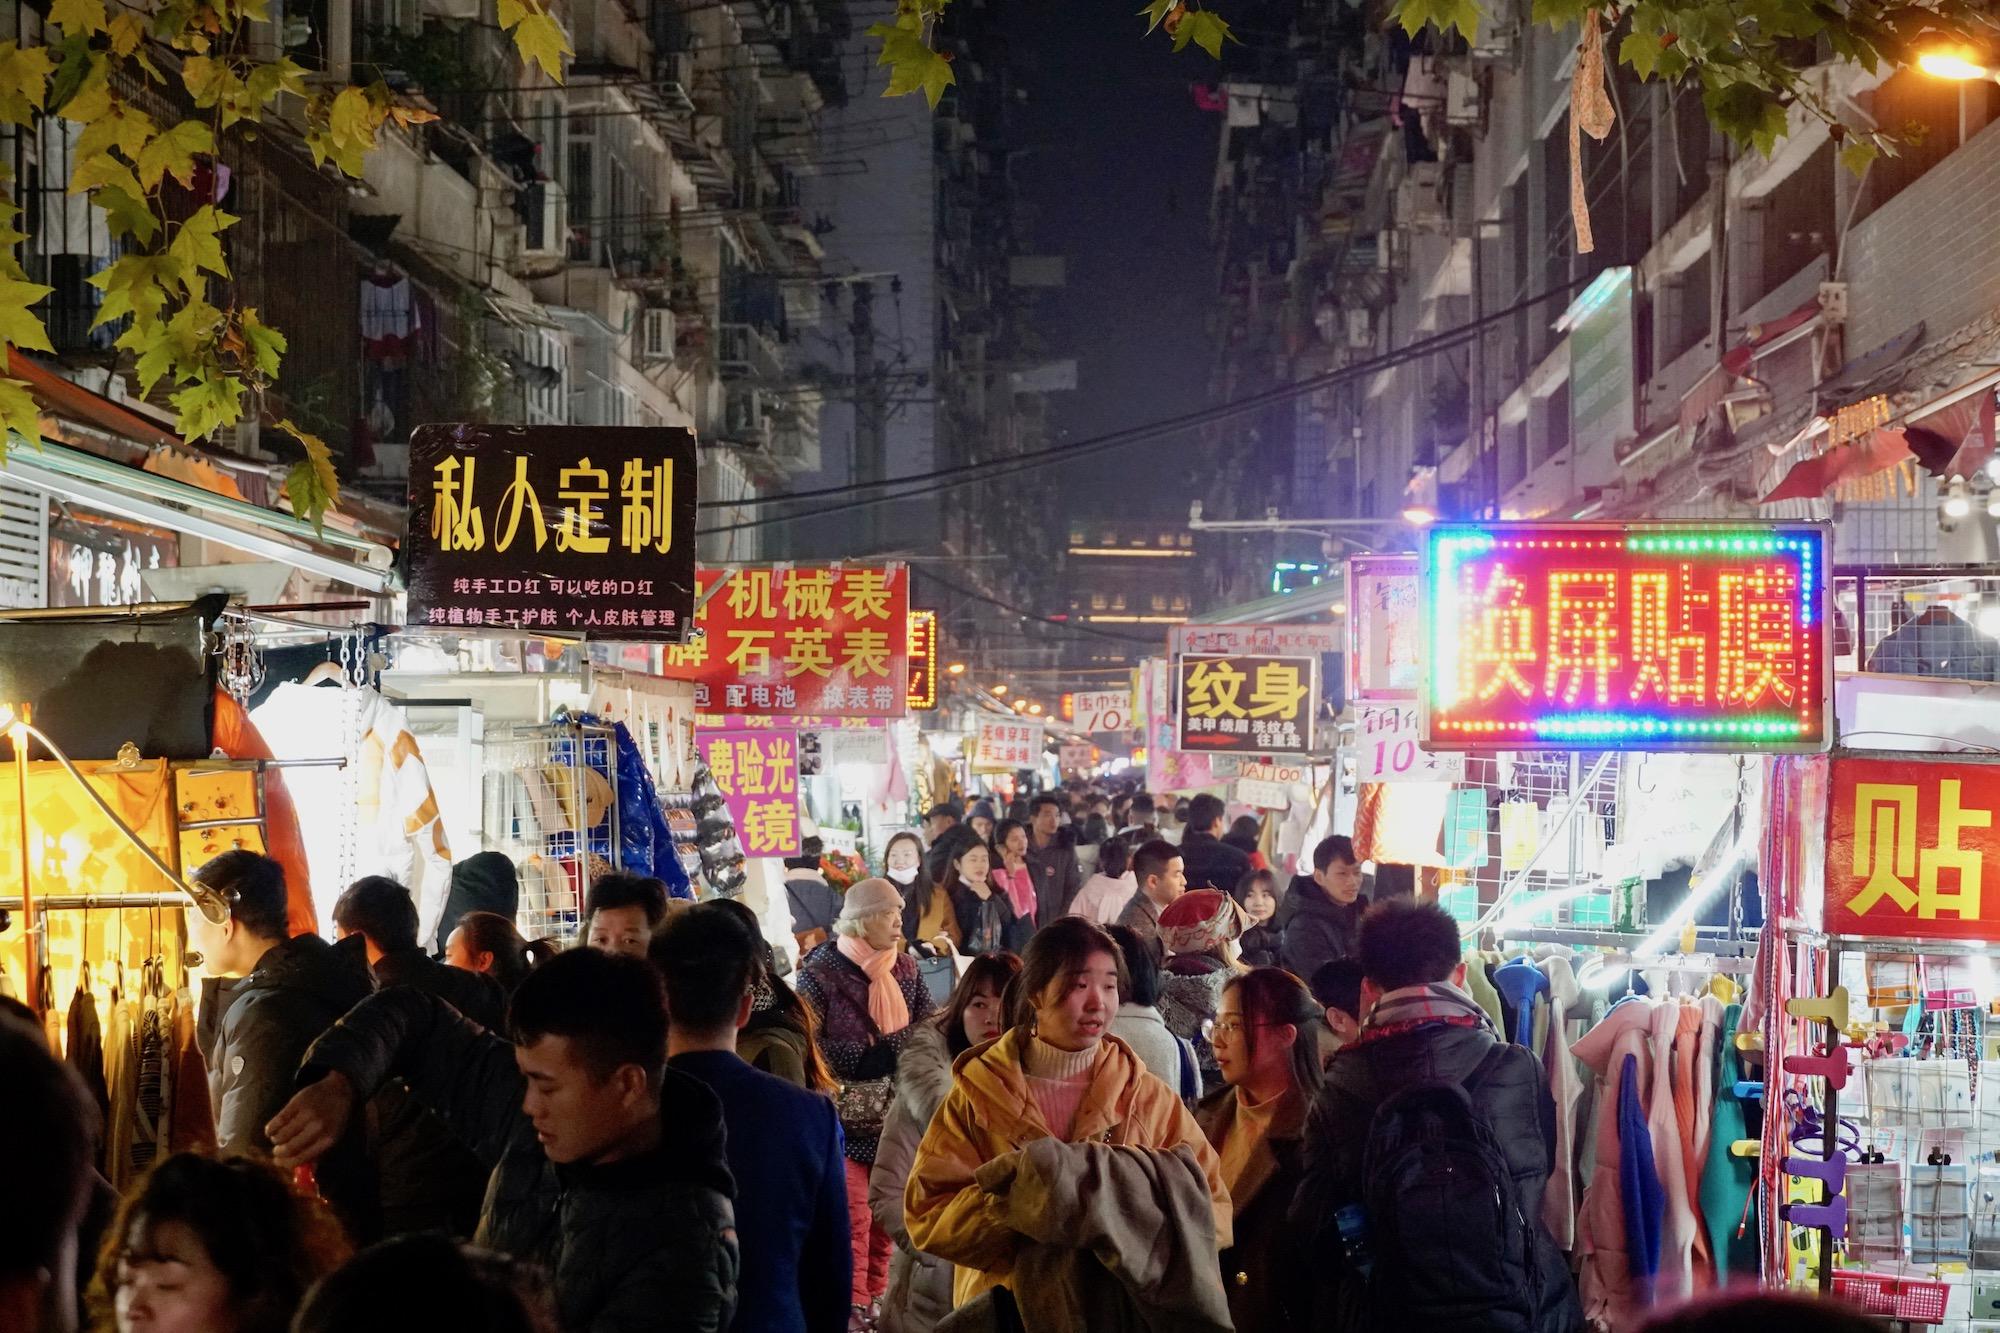 चीनमा फेरि जनावरको मासु बेच्न शुरु, कोरोना संक्रमणको दोष इटलीलाई